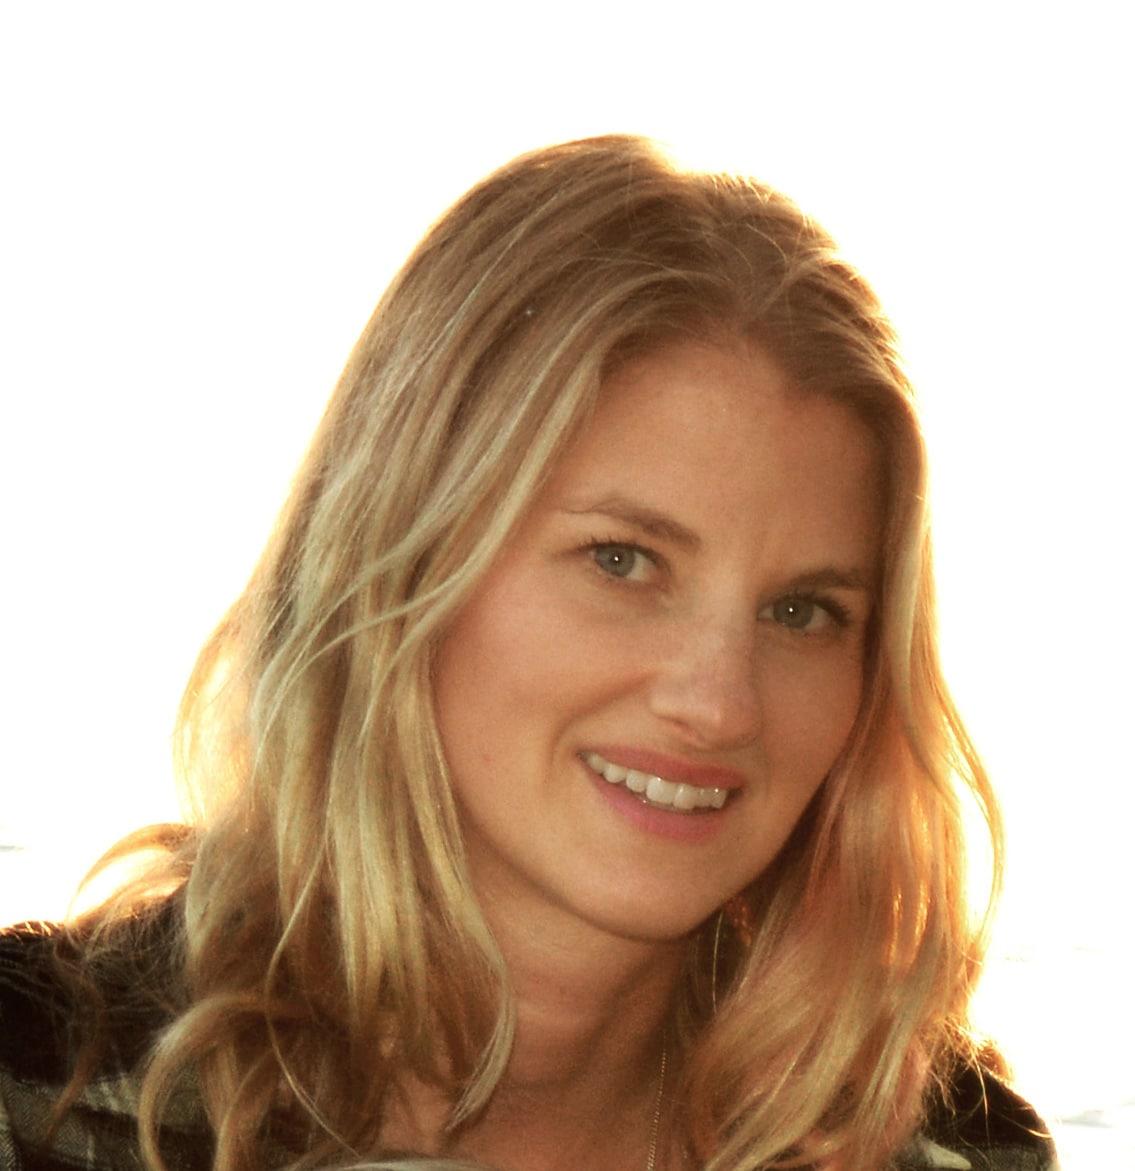 Katie from Roberts Creek